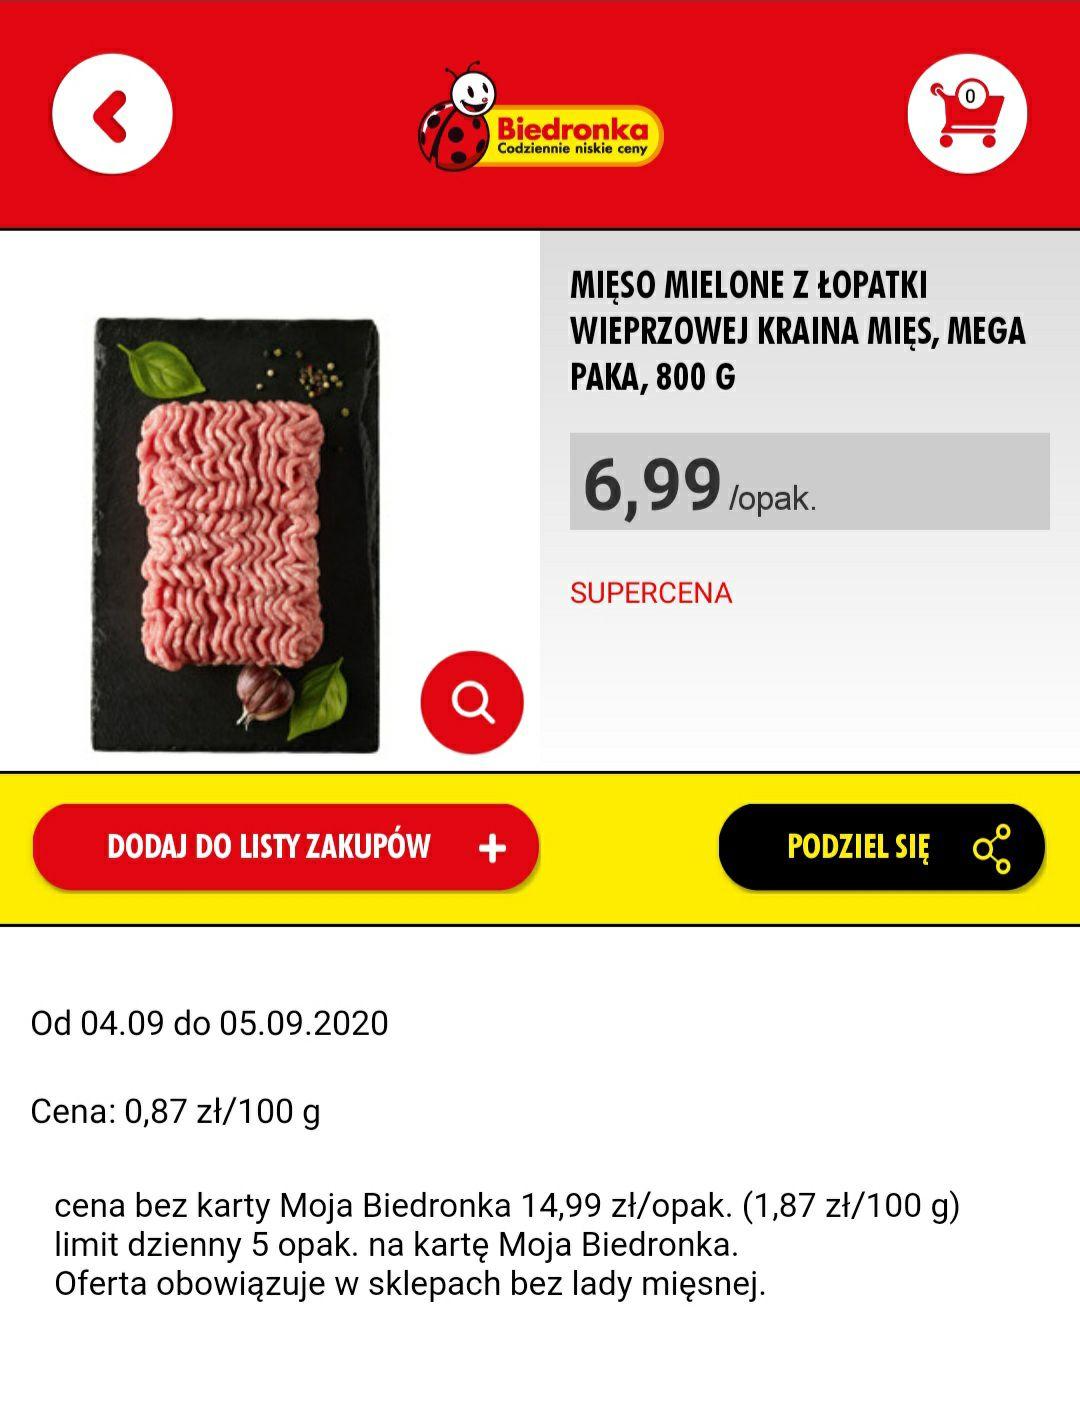 Mięso mielone 800g, Biedronka, z kartą MB